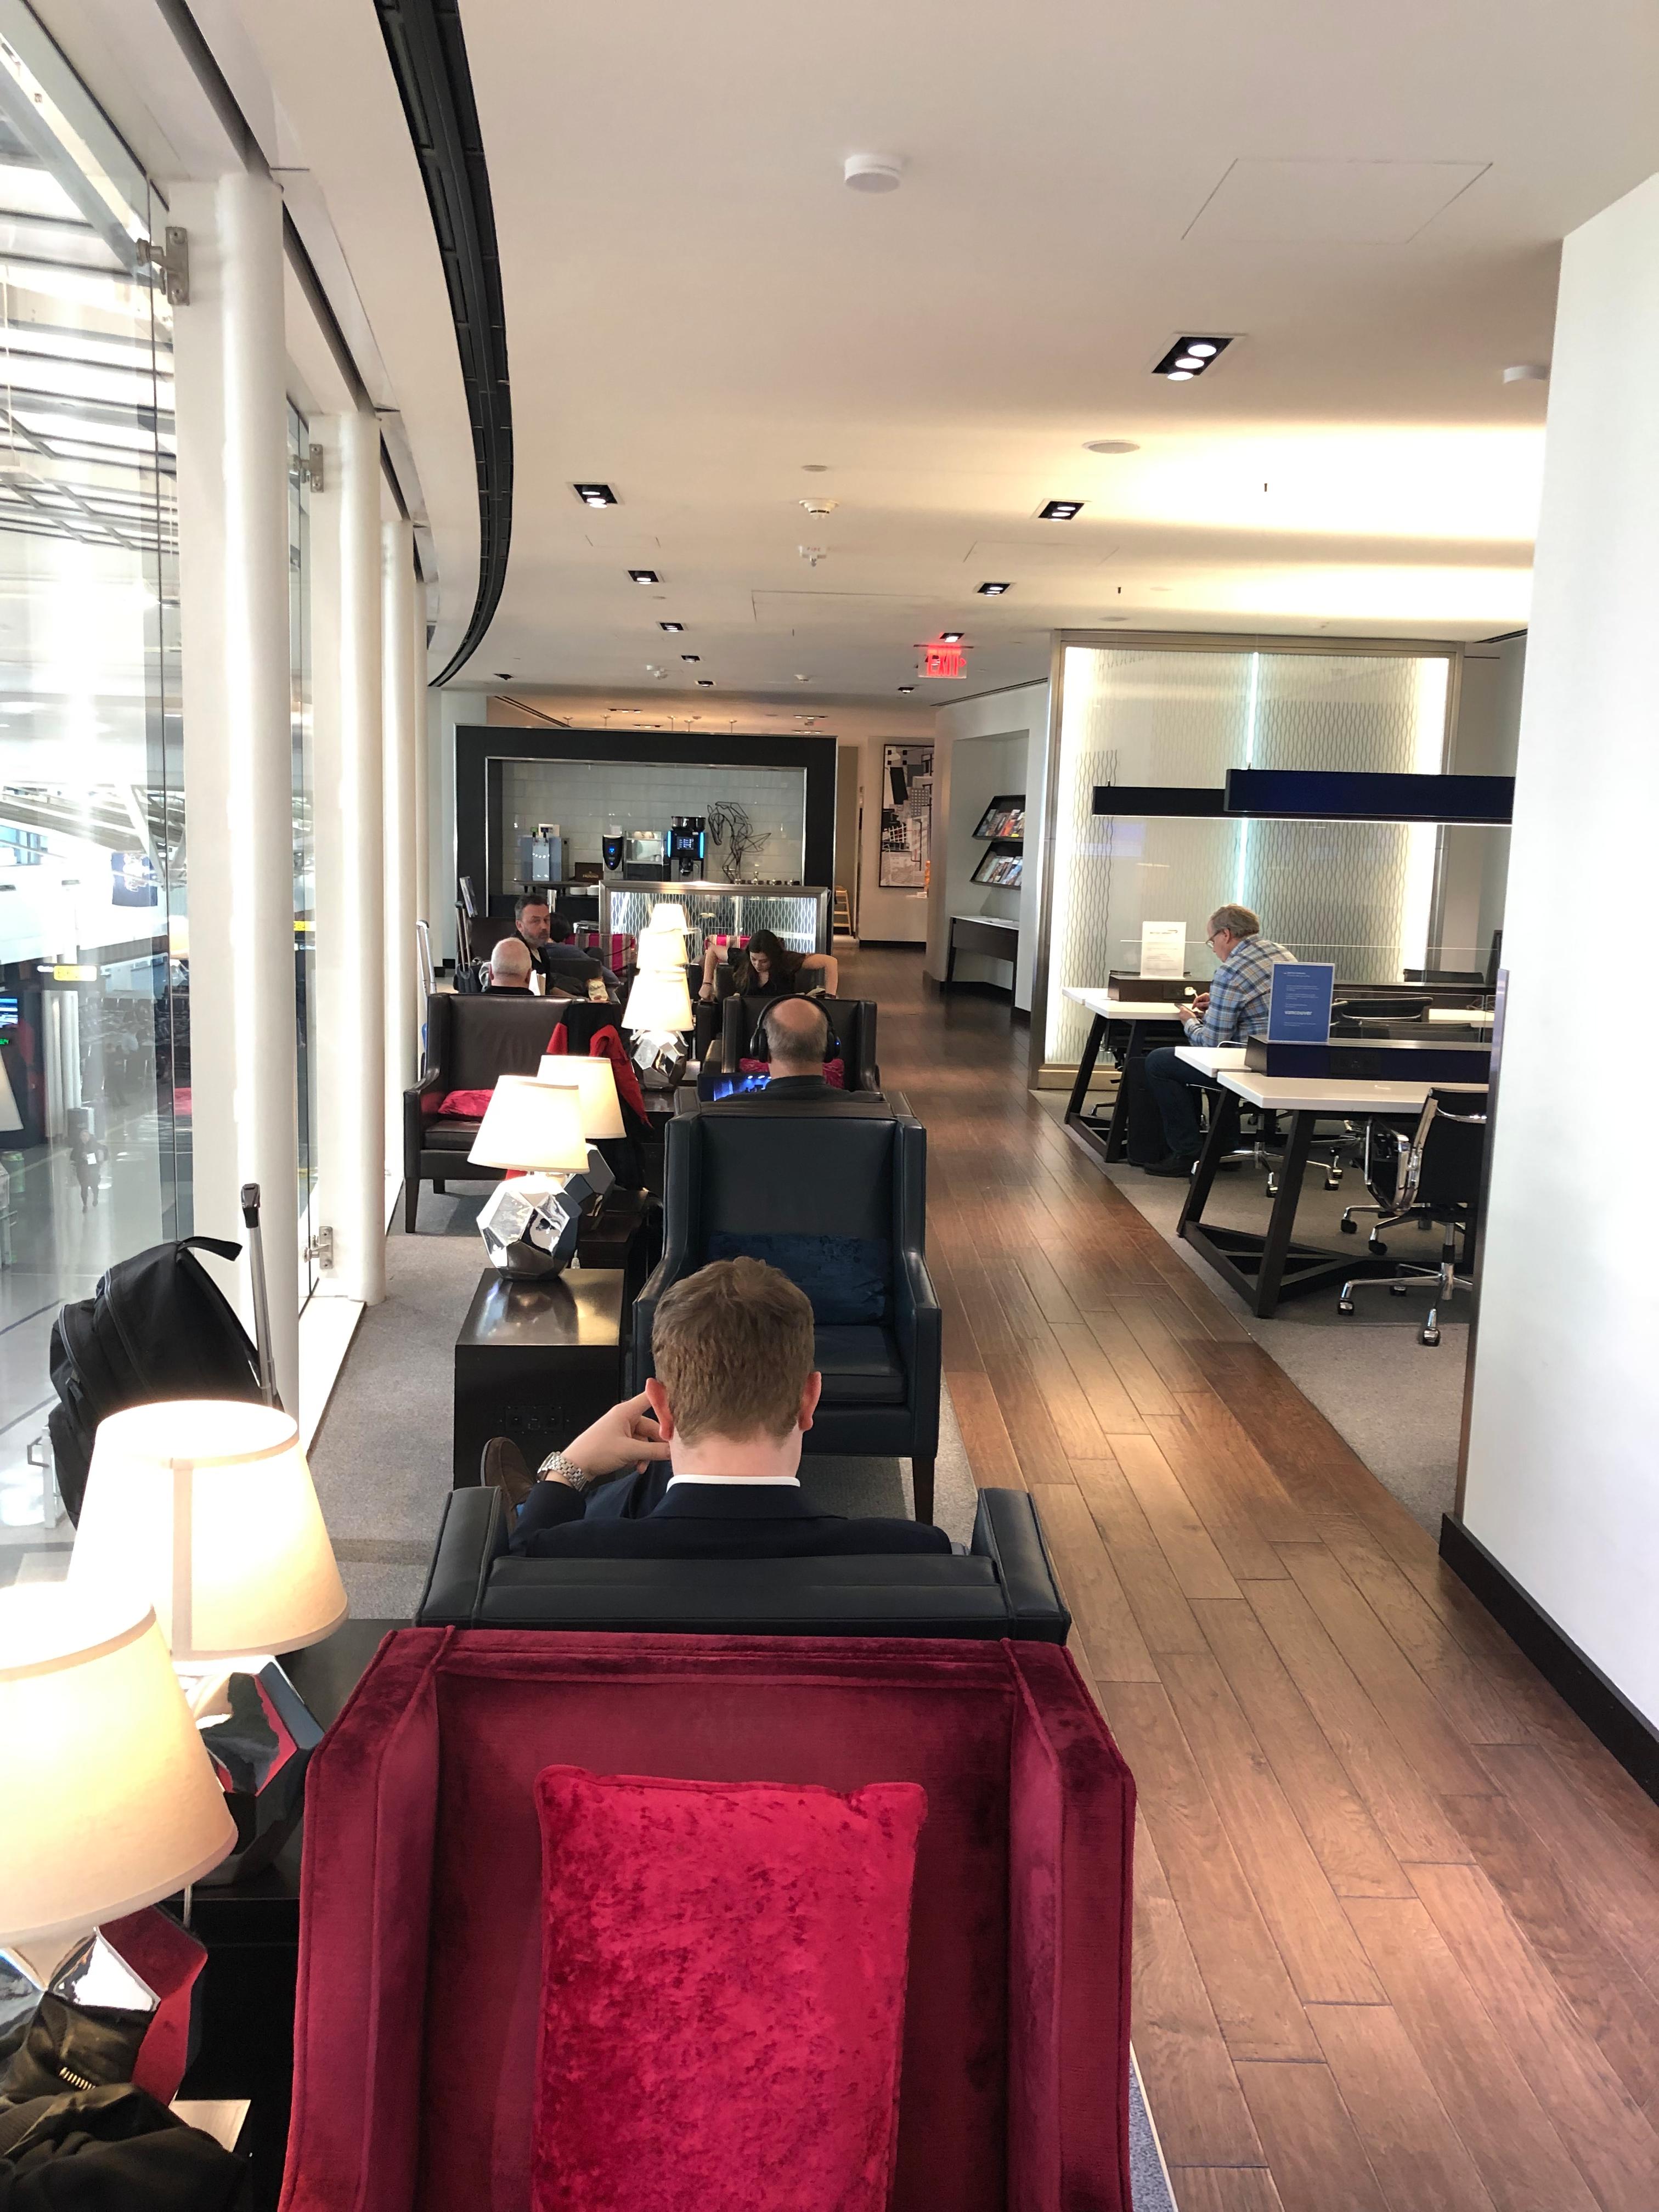 British Airways Galleries Lounge, Washington Dulles seating